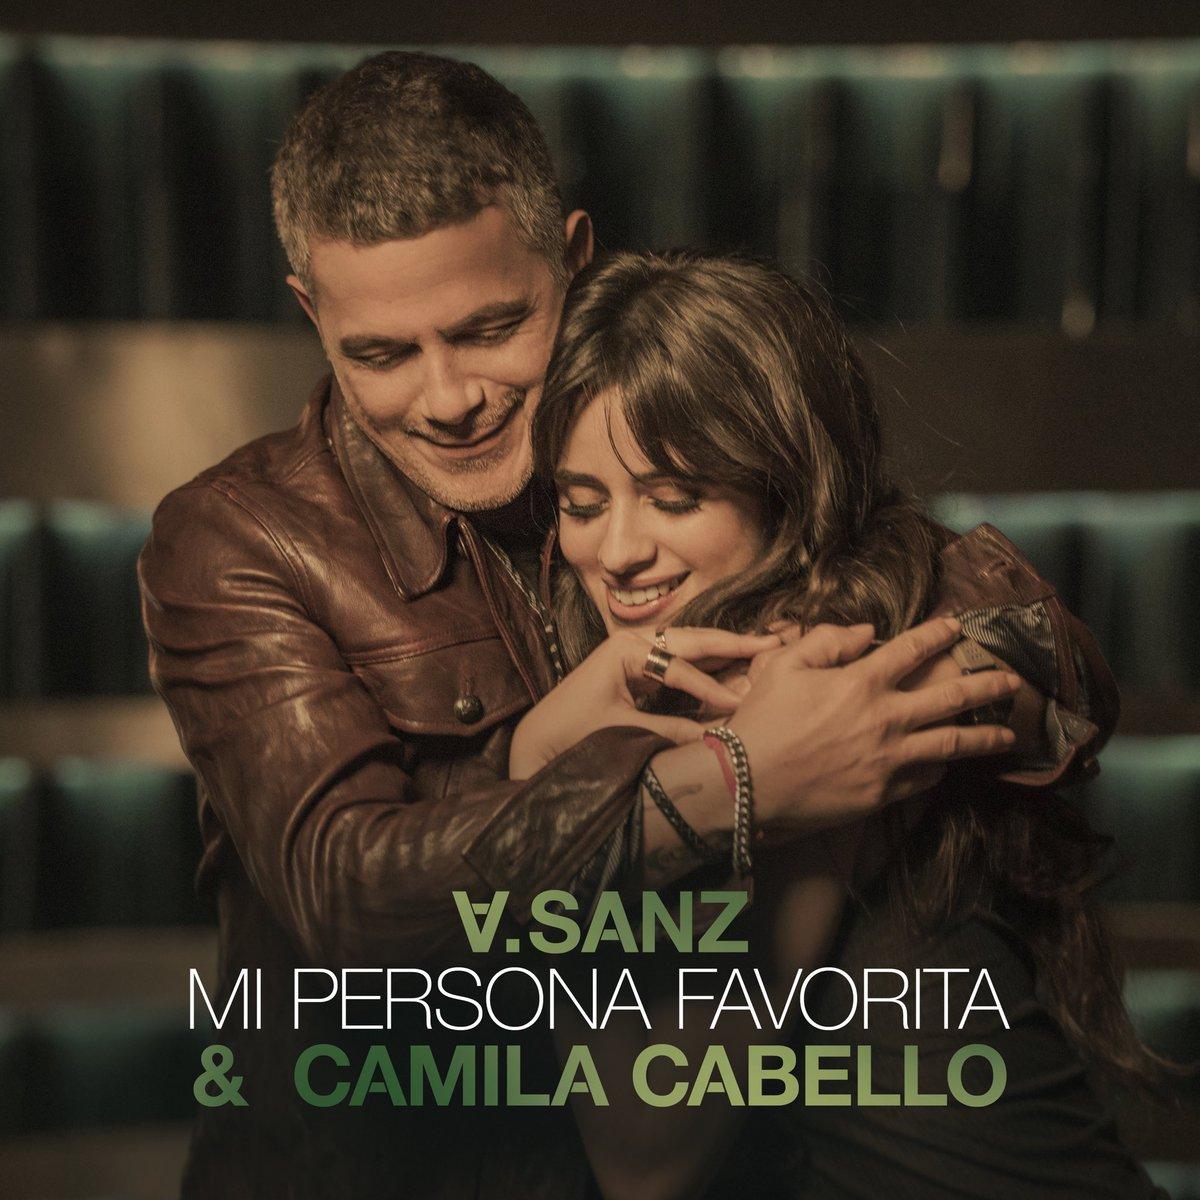 RT @Camila_Cabello: mi persona favorita. @AlejandroSanz y yo ❤️sale este jueves y estoy muy emocionada 🌹 https://t.co/dZLjtsHrhV